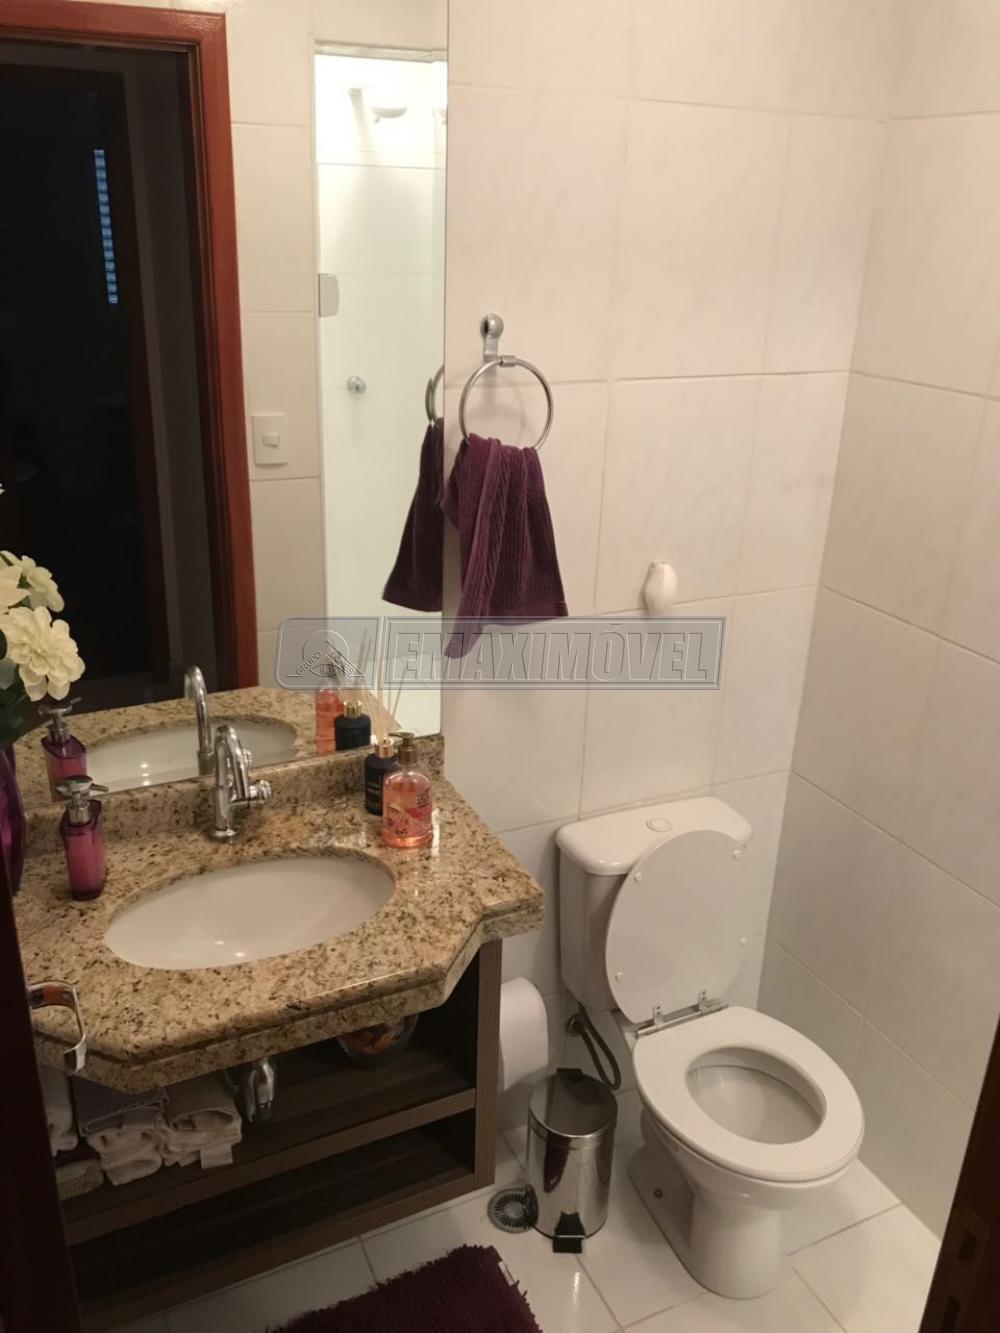 Comprar Apartamentos / Apto Padrão em Sorocaba apenas R$ 600.000,00 - Foto 20